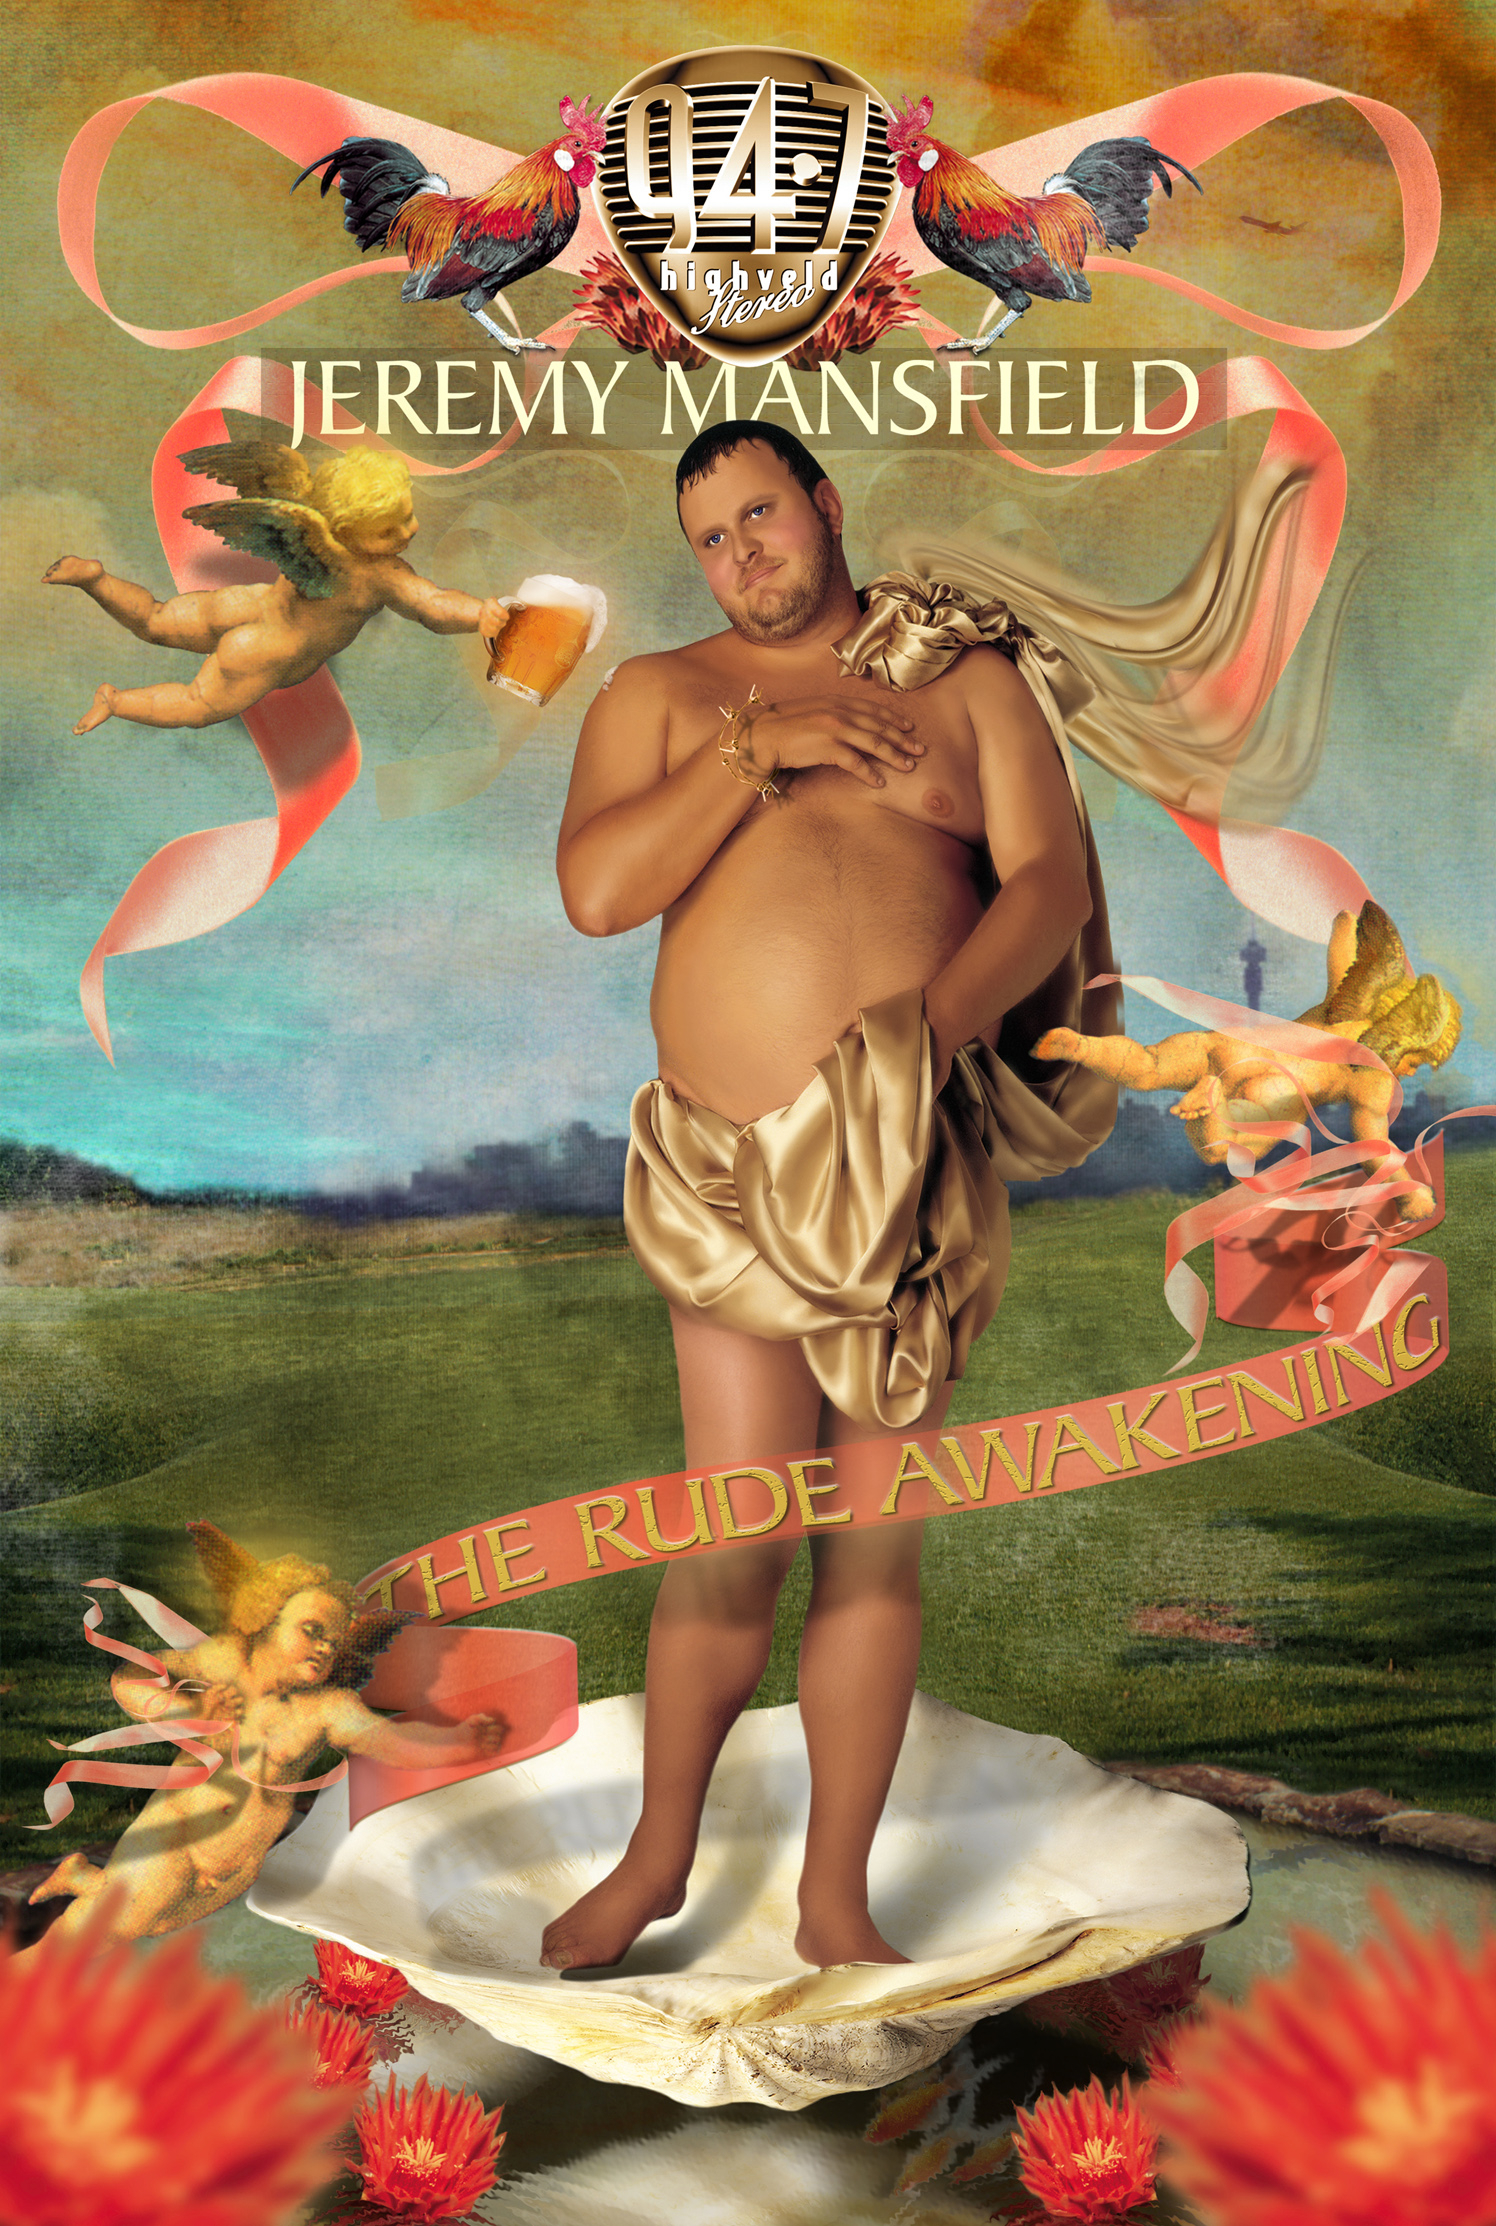 Jeremy Mansfield / Ogilvy